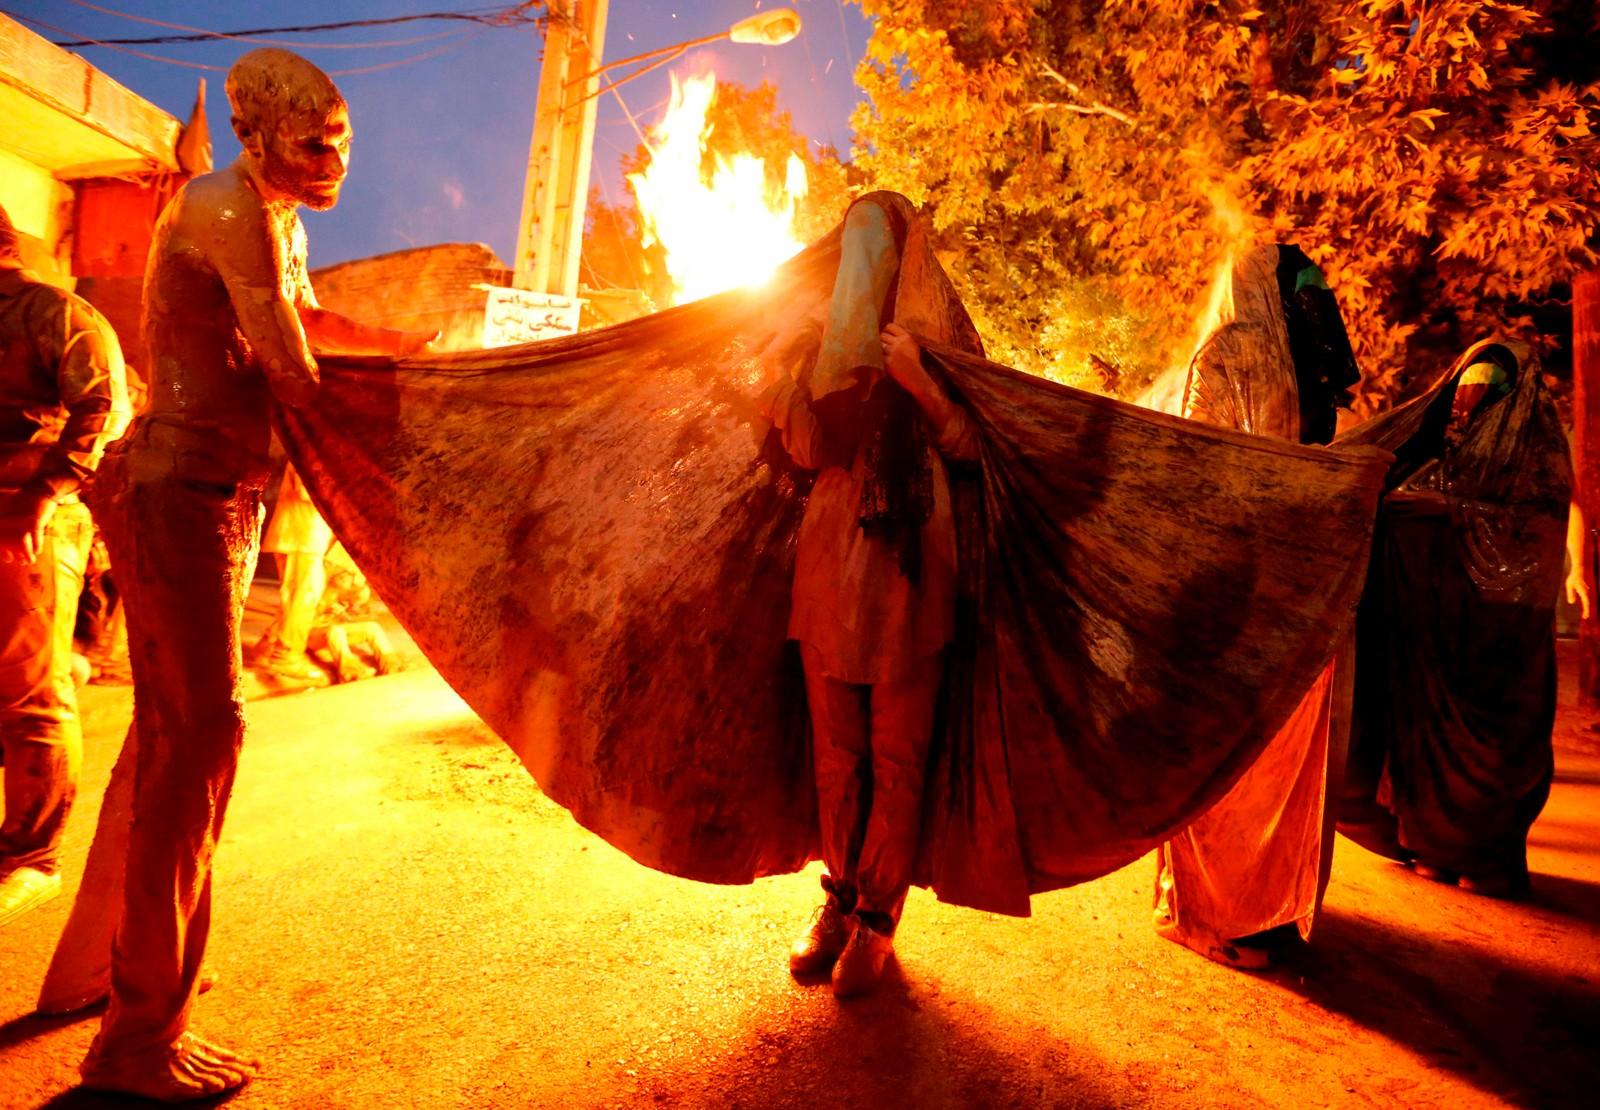 Iranske shia-muslimer gnir kroppen inn i gjørme og samles rundt et bål i Khorramabad. Ritualet utgjør en del av 'Kharrah Mali'-feiringa.